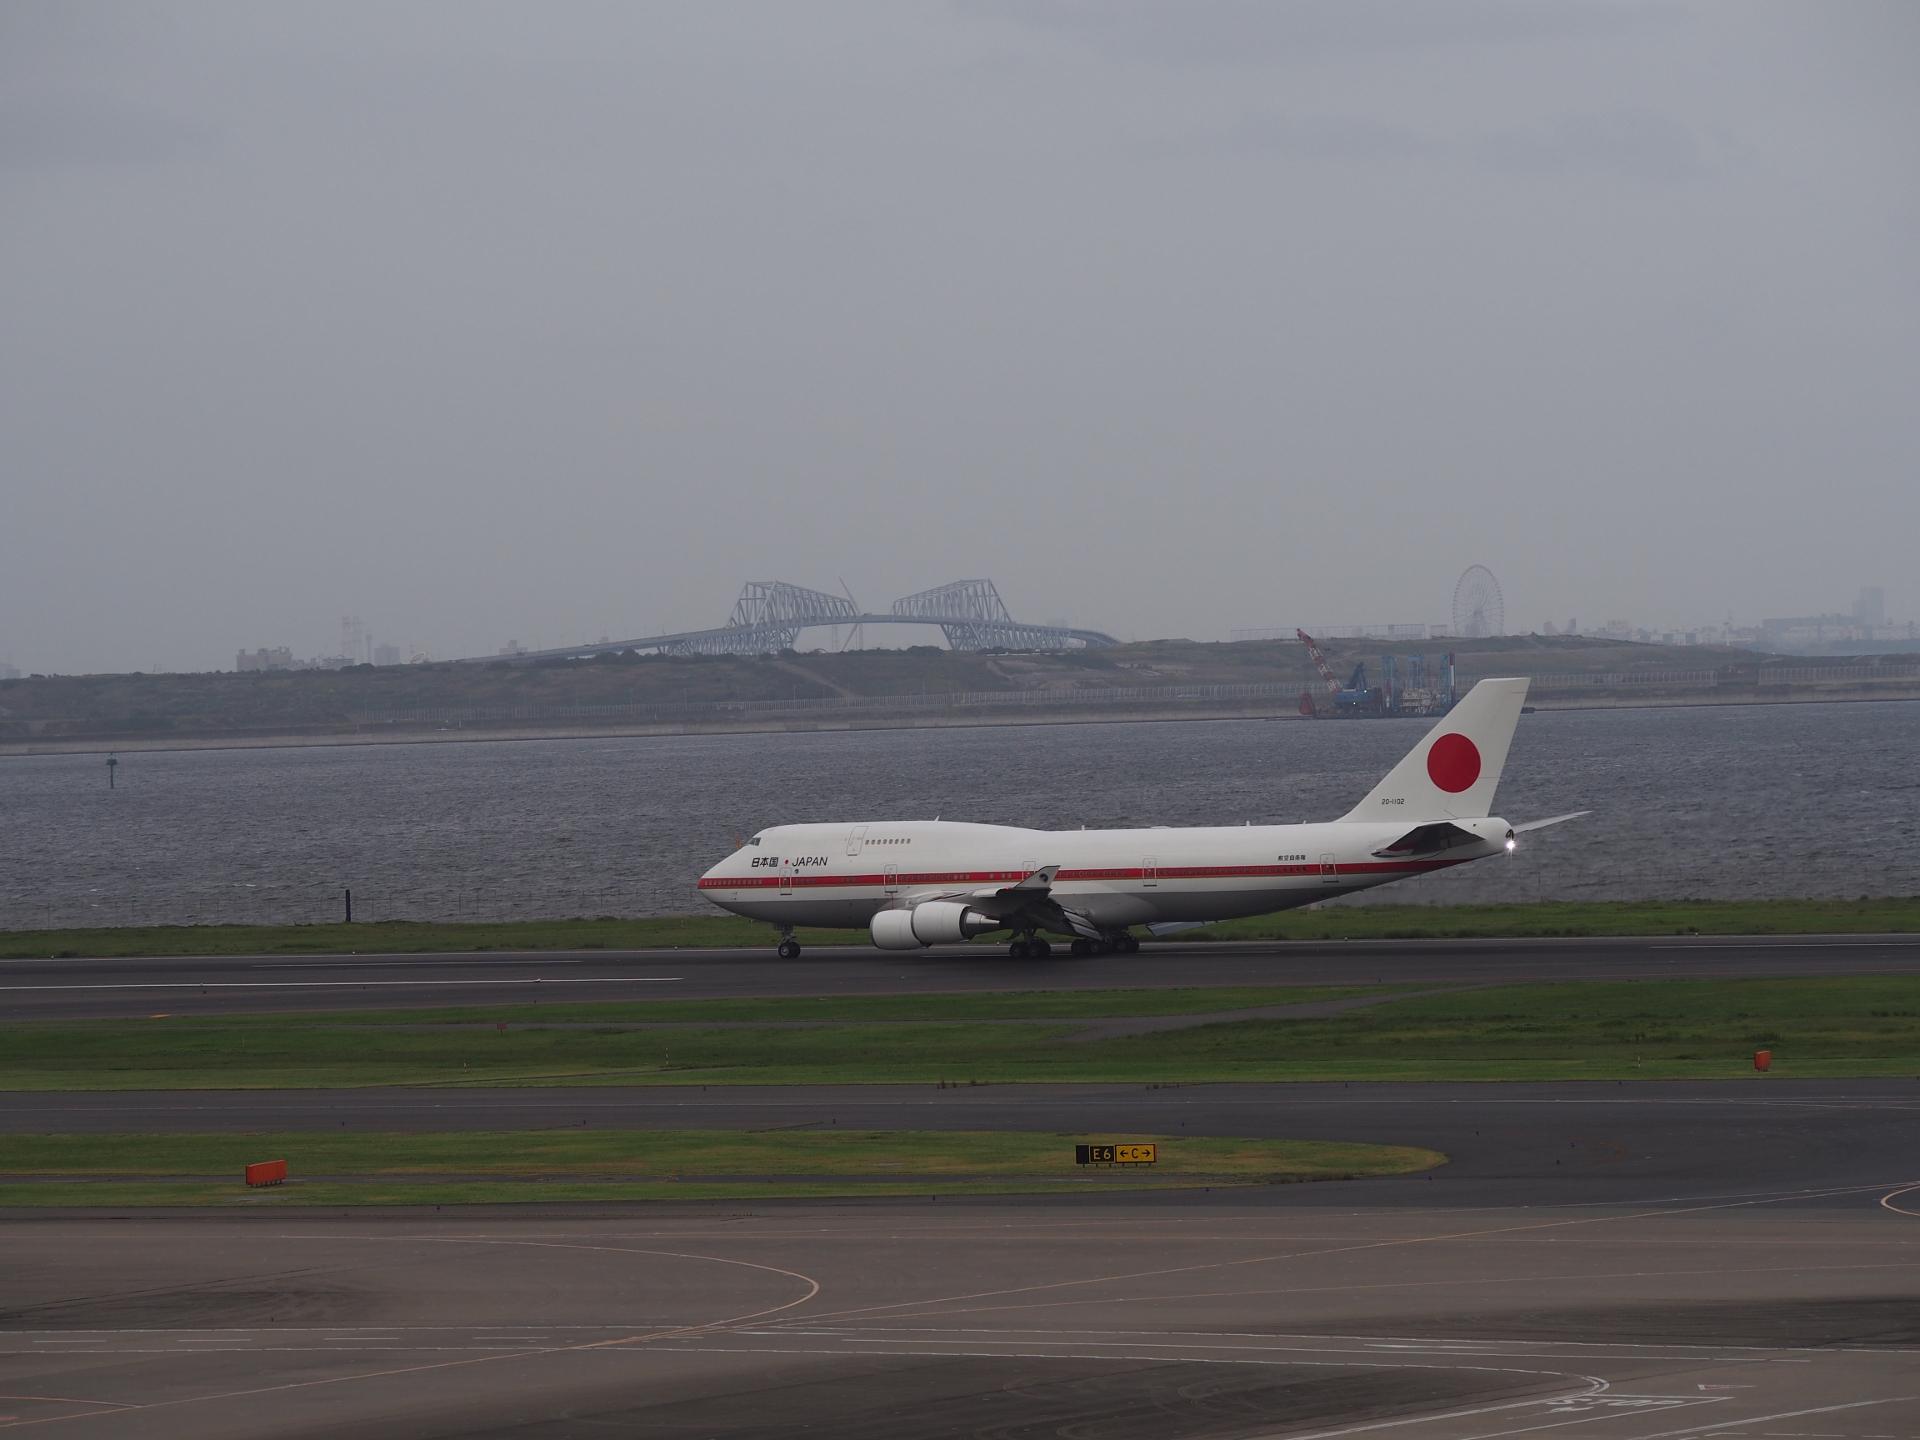 政府専用機の2番機が着陸。